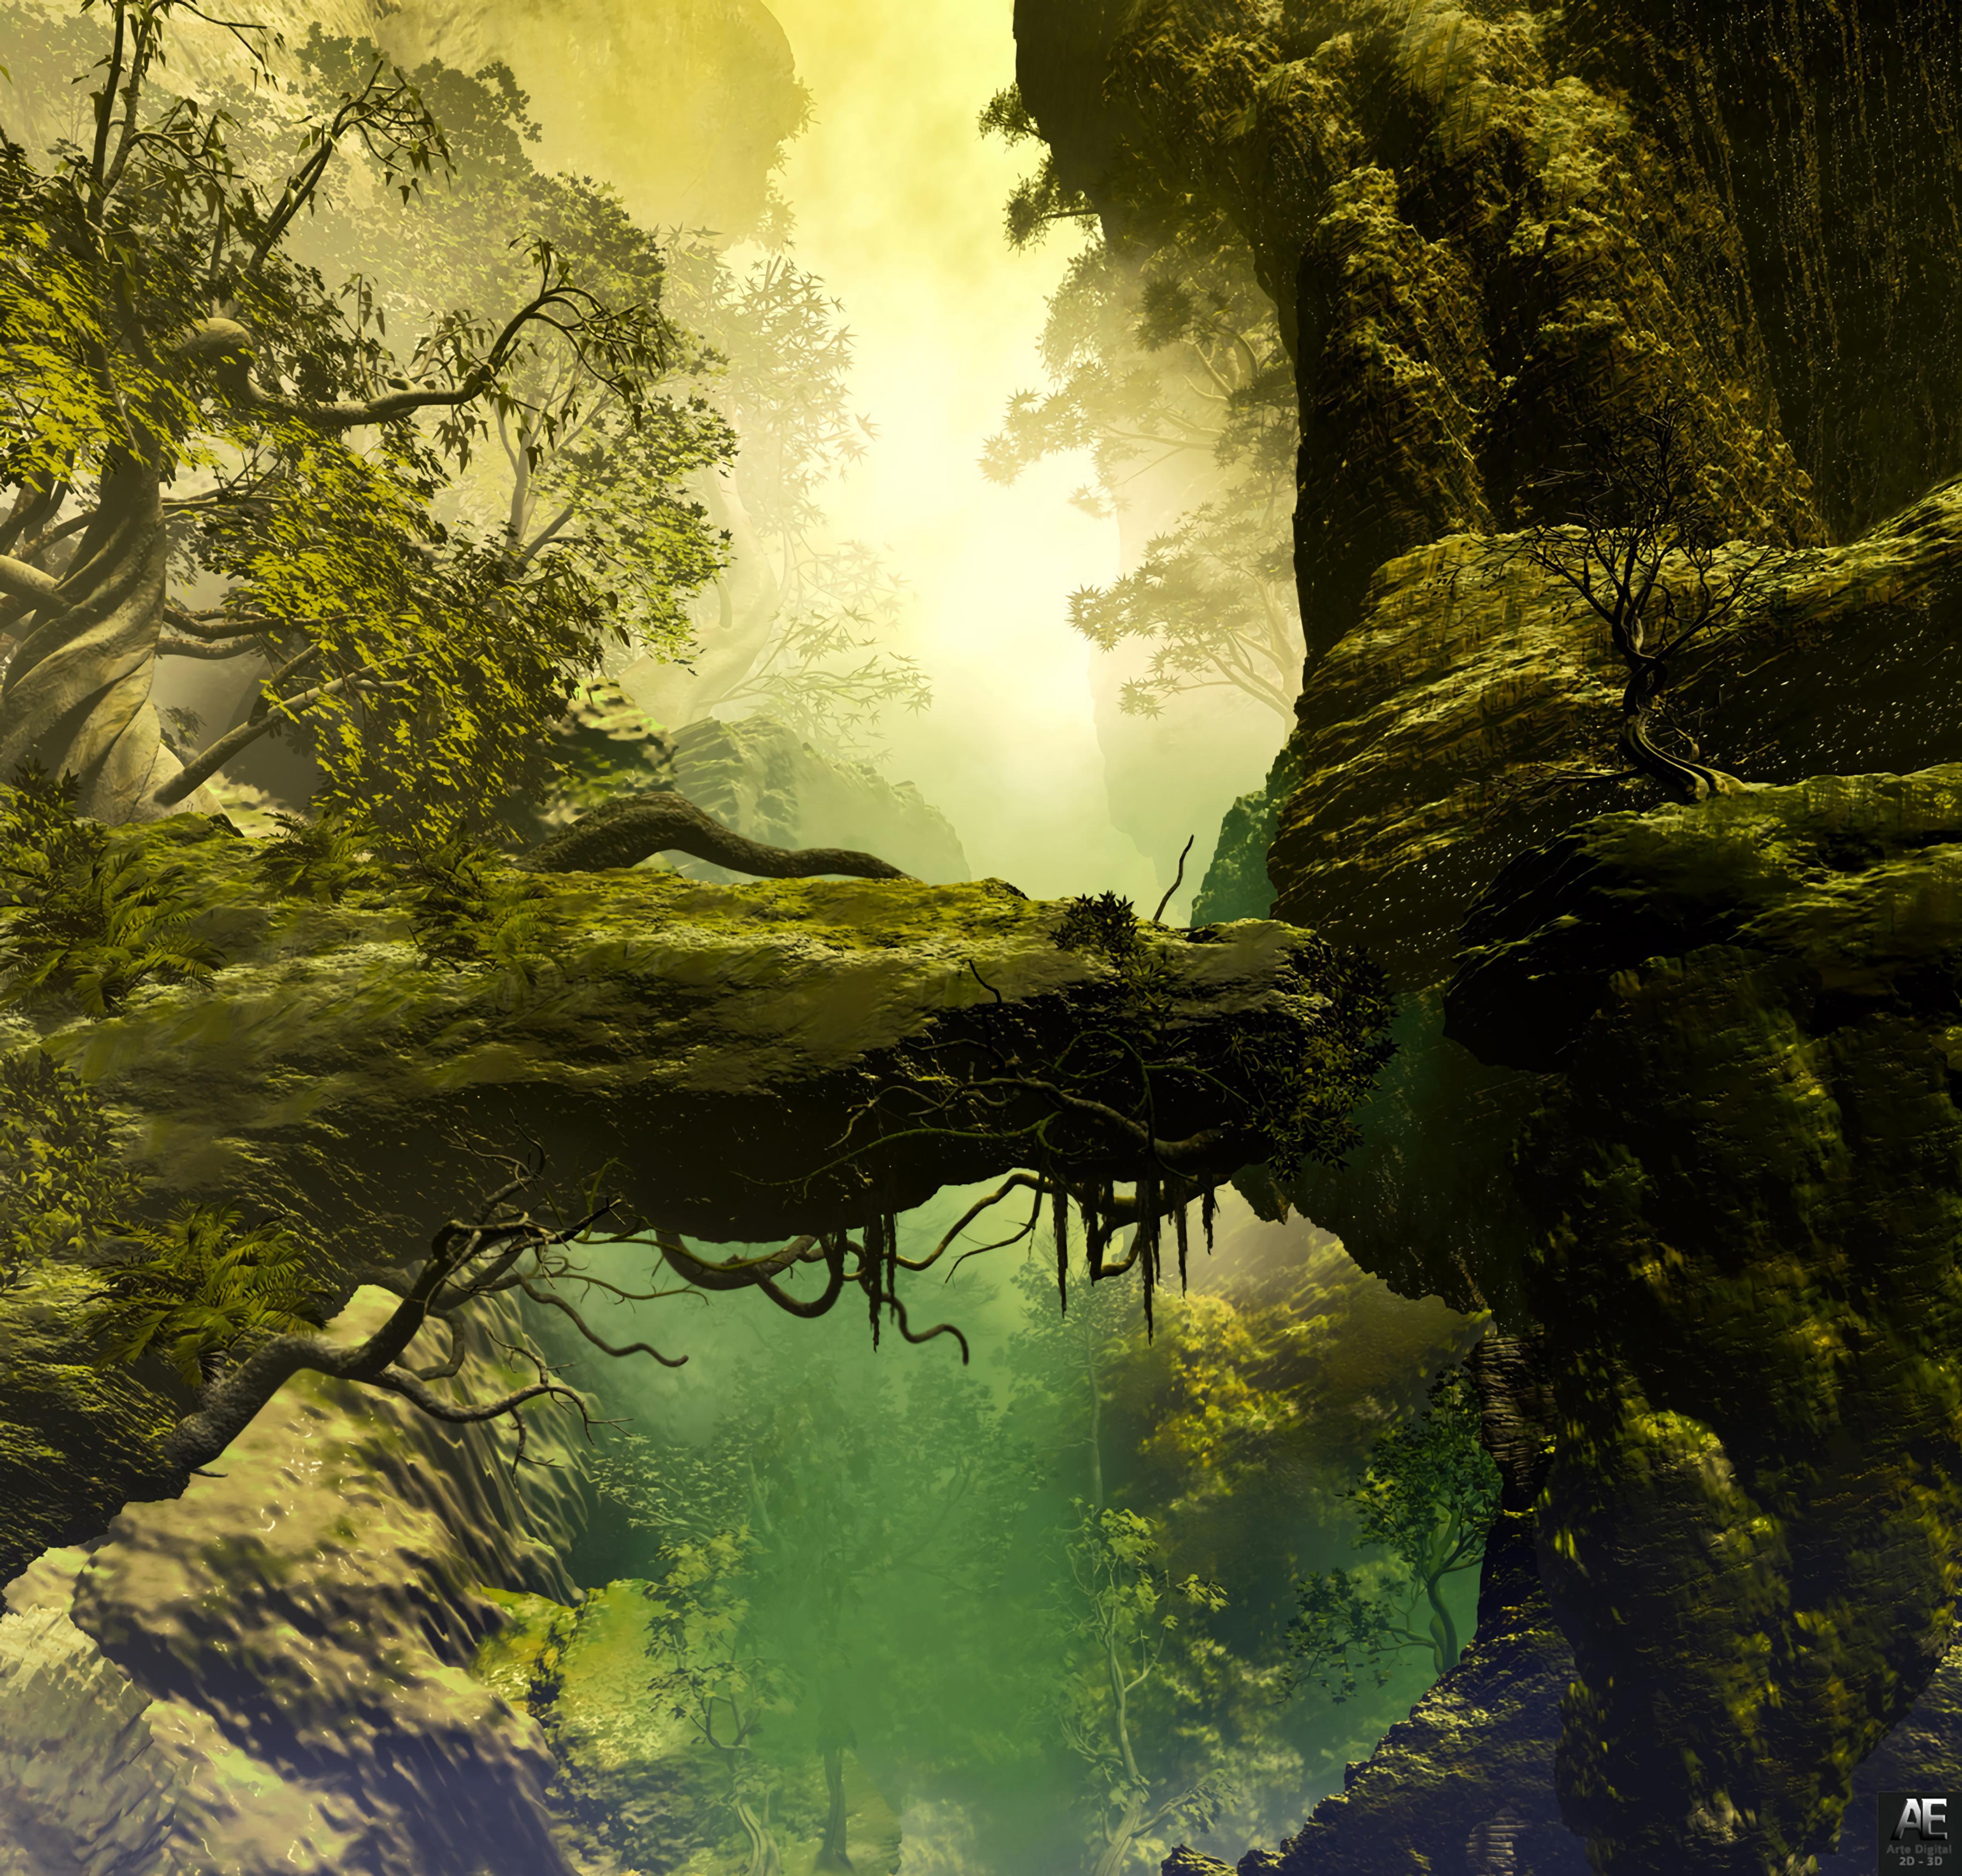 124377 обои 1080x1920 на телефон бесплатно, скачать картинки 3D, Пейзаж, Деревья, Камни, Скала, Туман, Корни, Живопись, Реализм 1080x1920 на мобильный